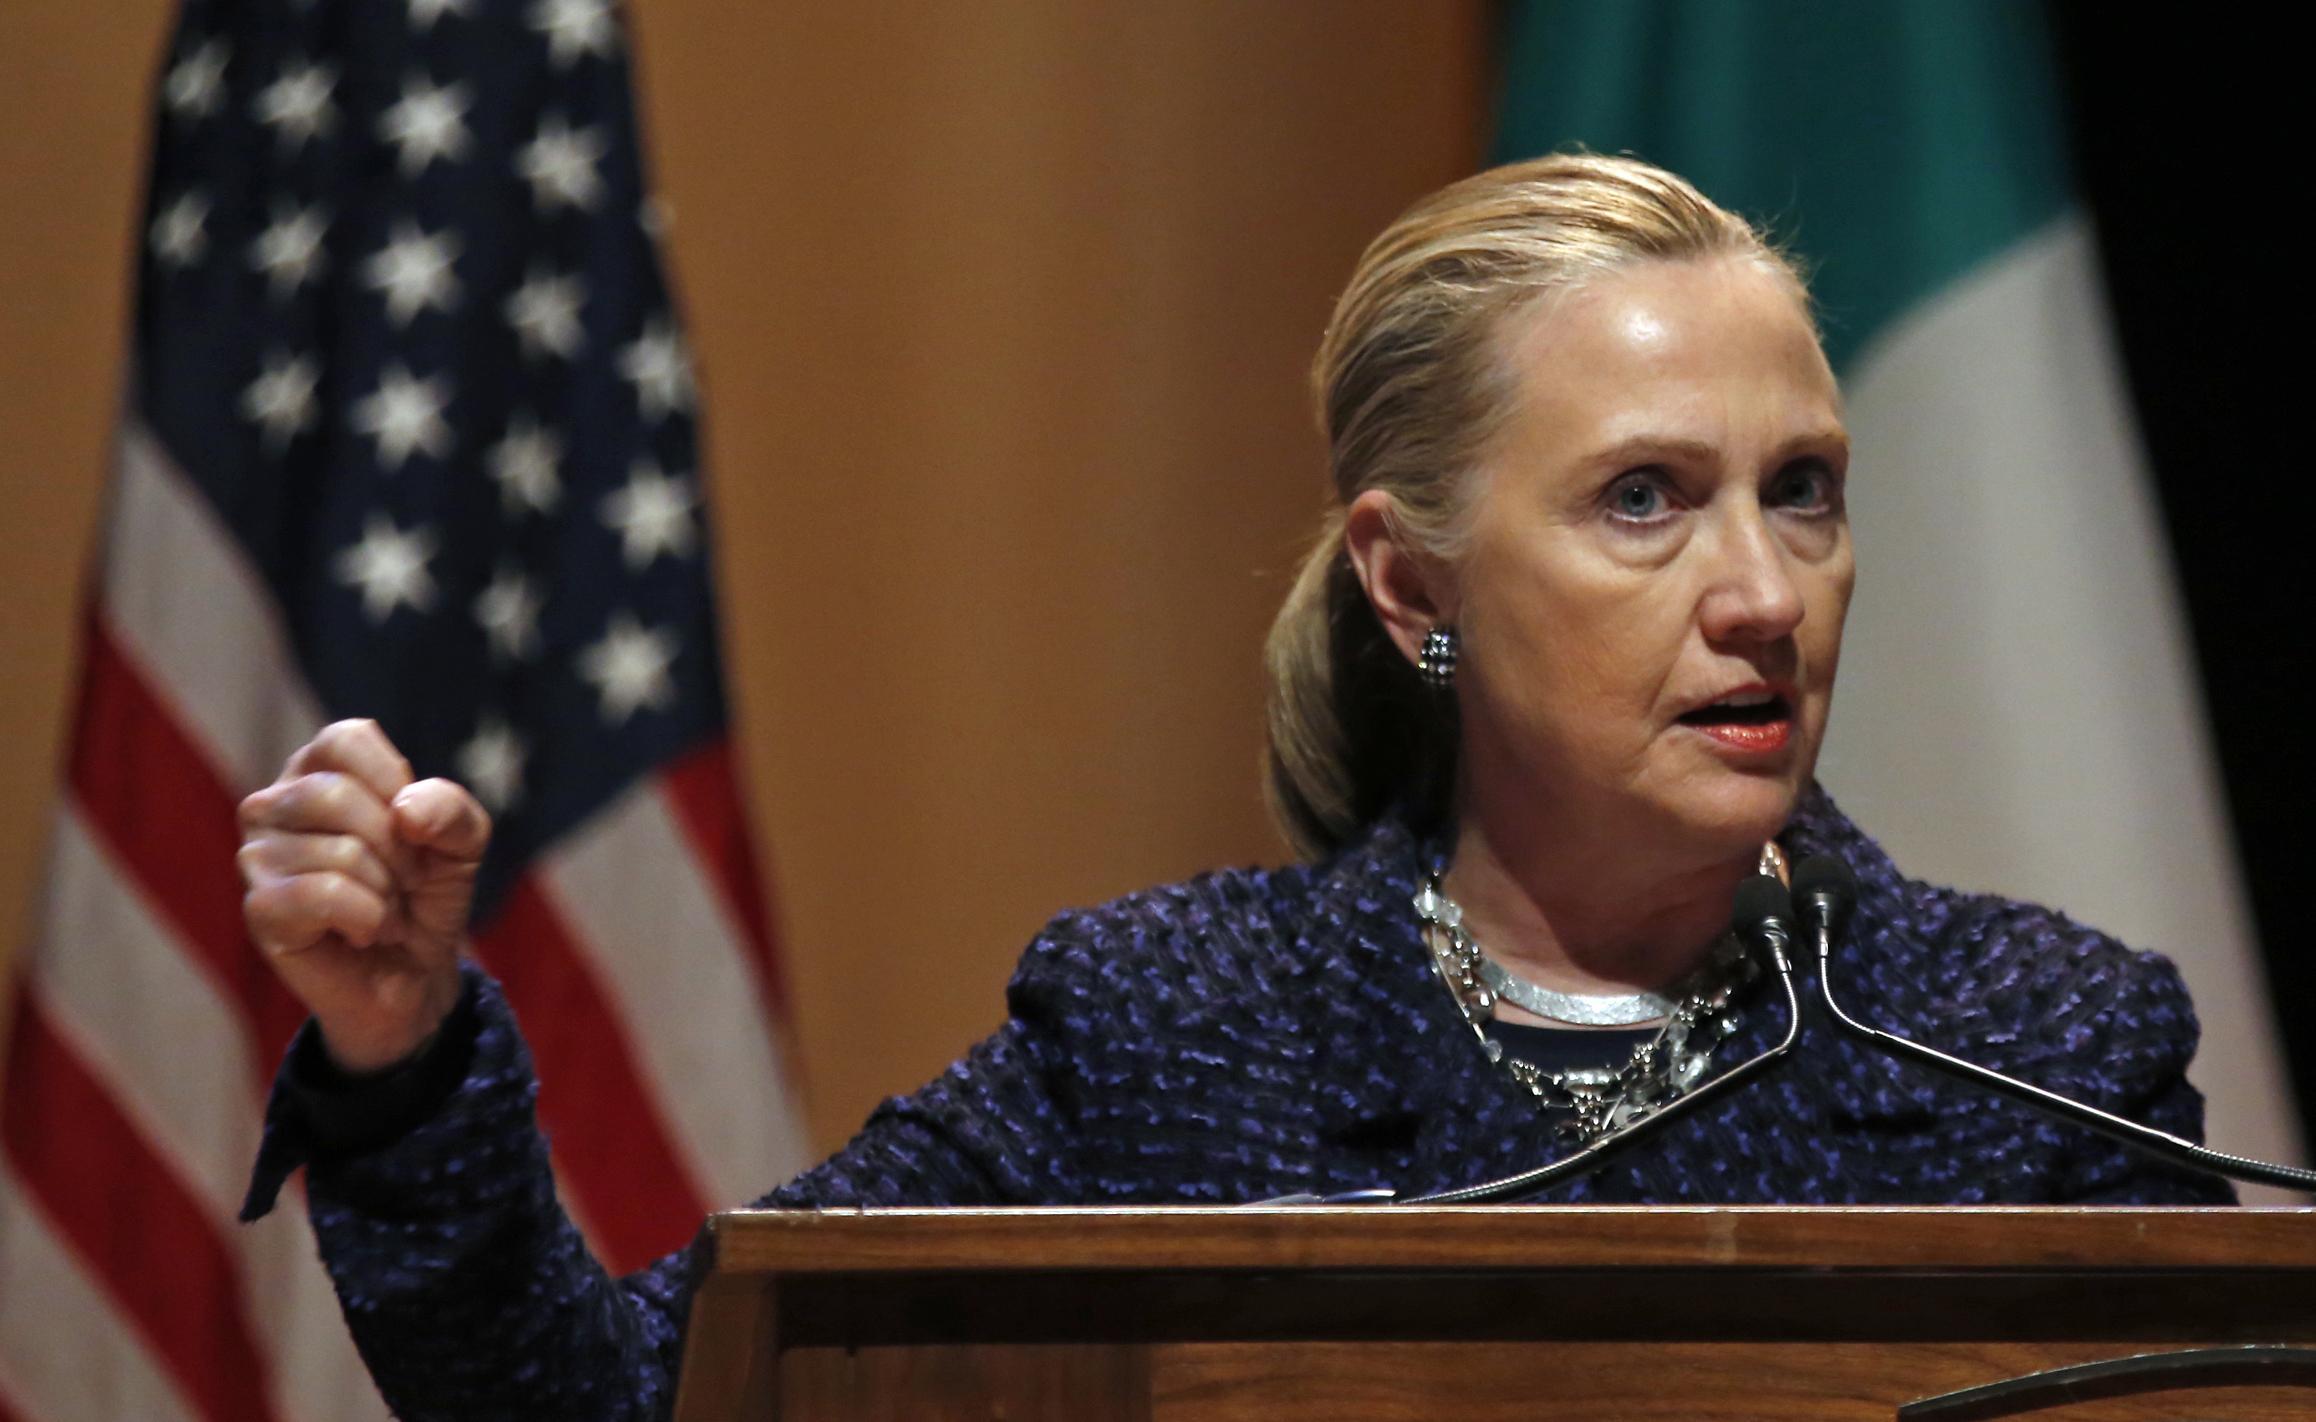 300 من رسائل كلينتون الإلكترونية عن تفاصيل هجوم بنغازي